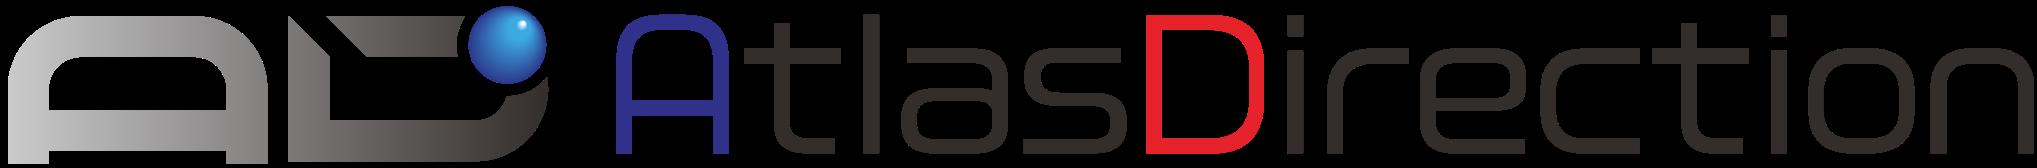 Atlas Direction × 遠隔作業支援 × スマートグラス・ウェアラブル